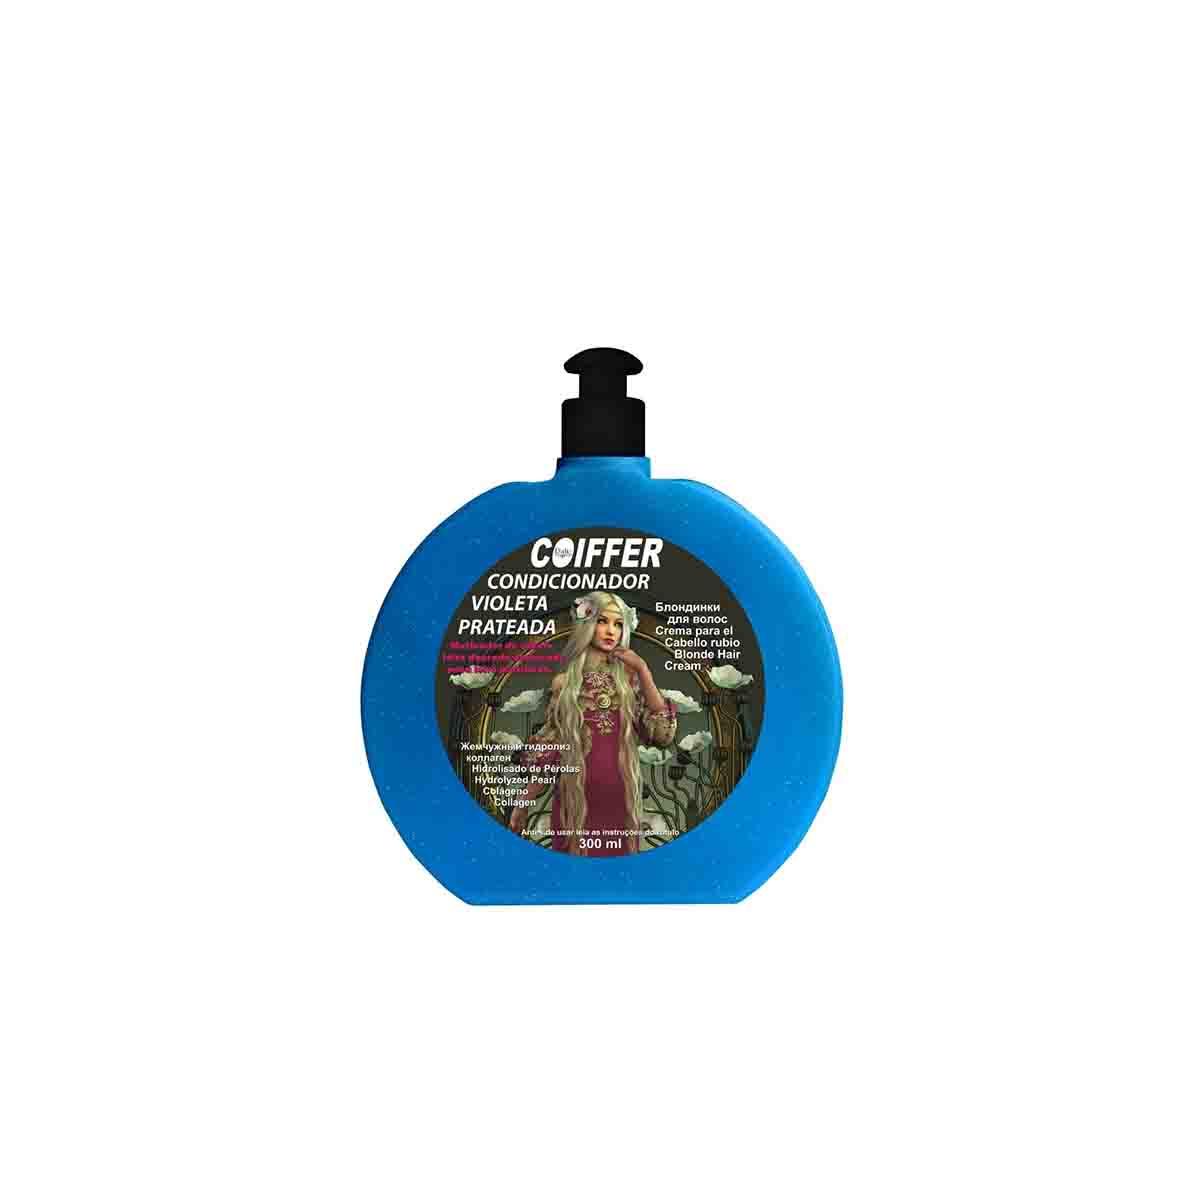 Condicionador para Cabelos  Violeta Prateada Coiffer 300ml